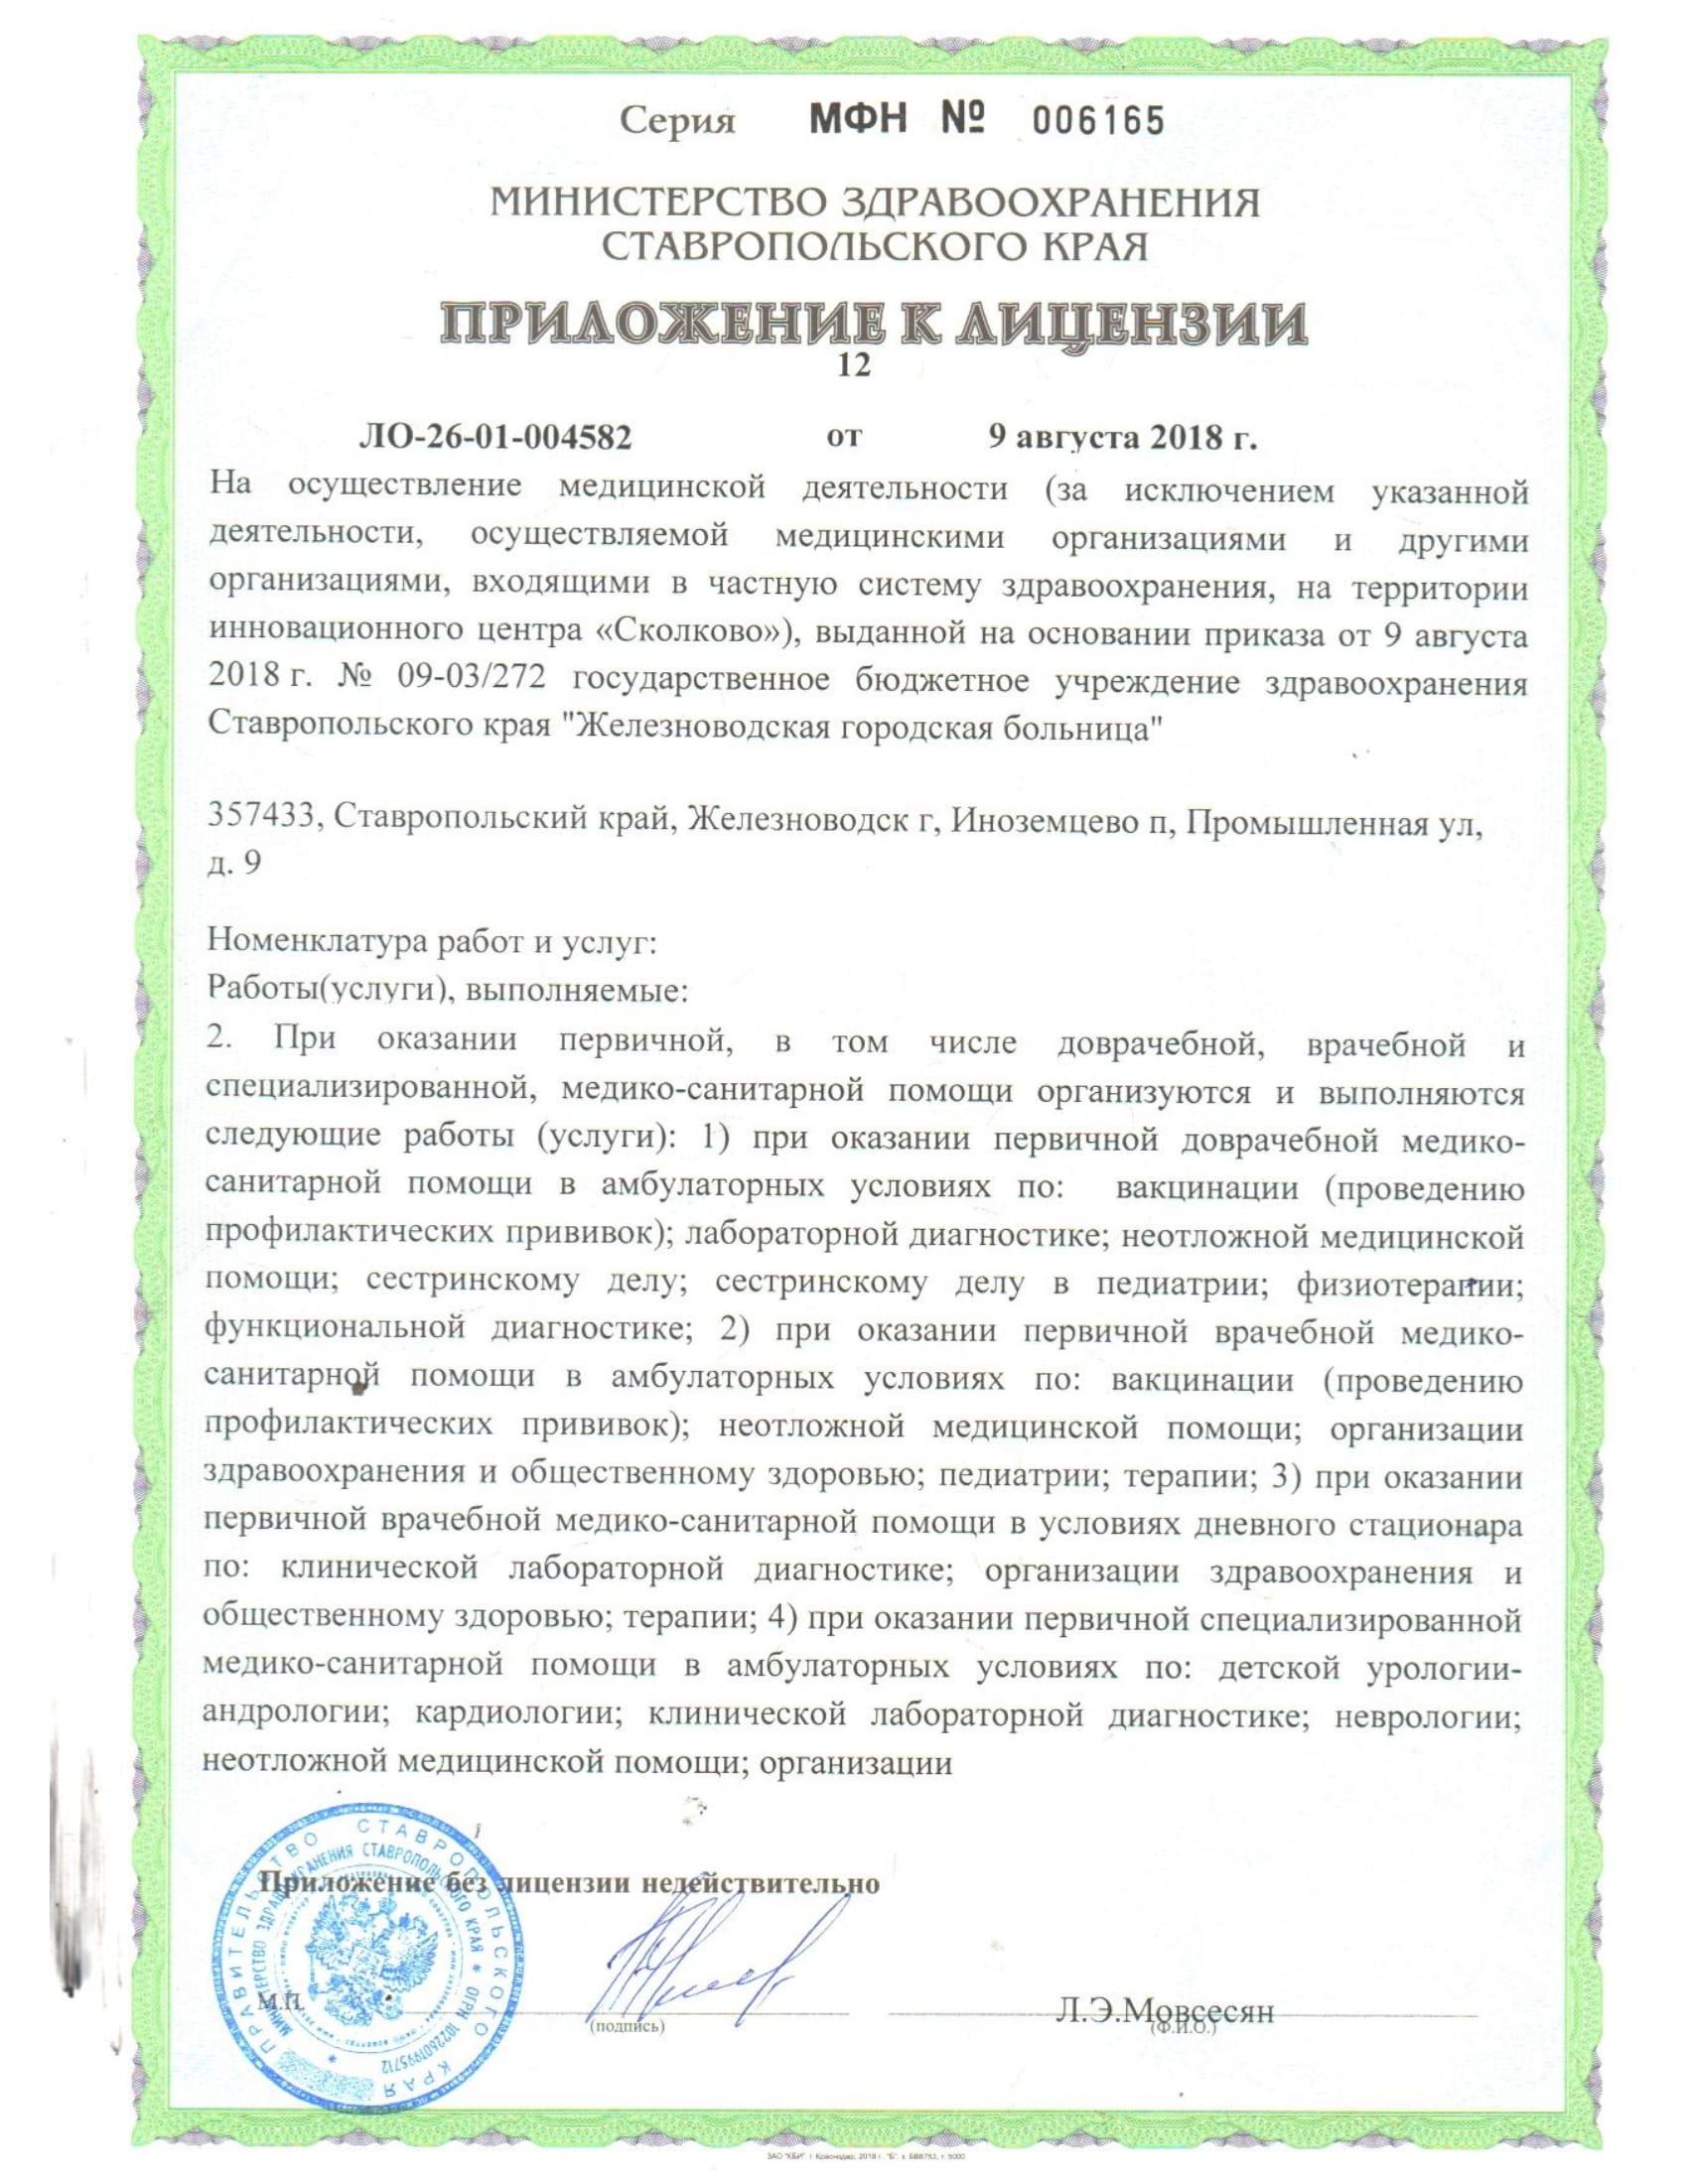 лицензия 2018 от 09.08.2018-15